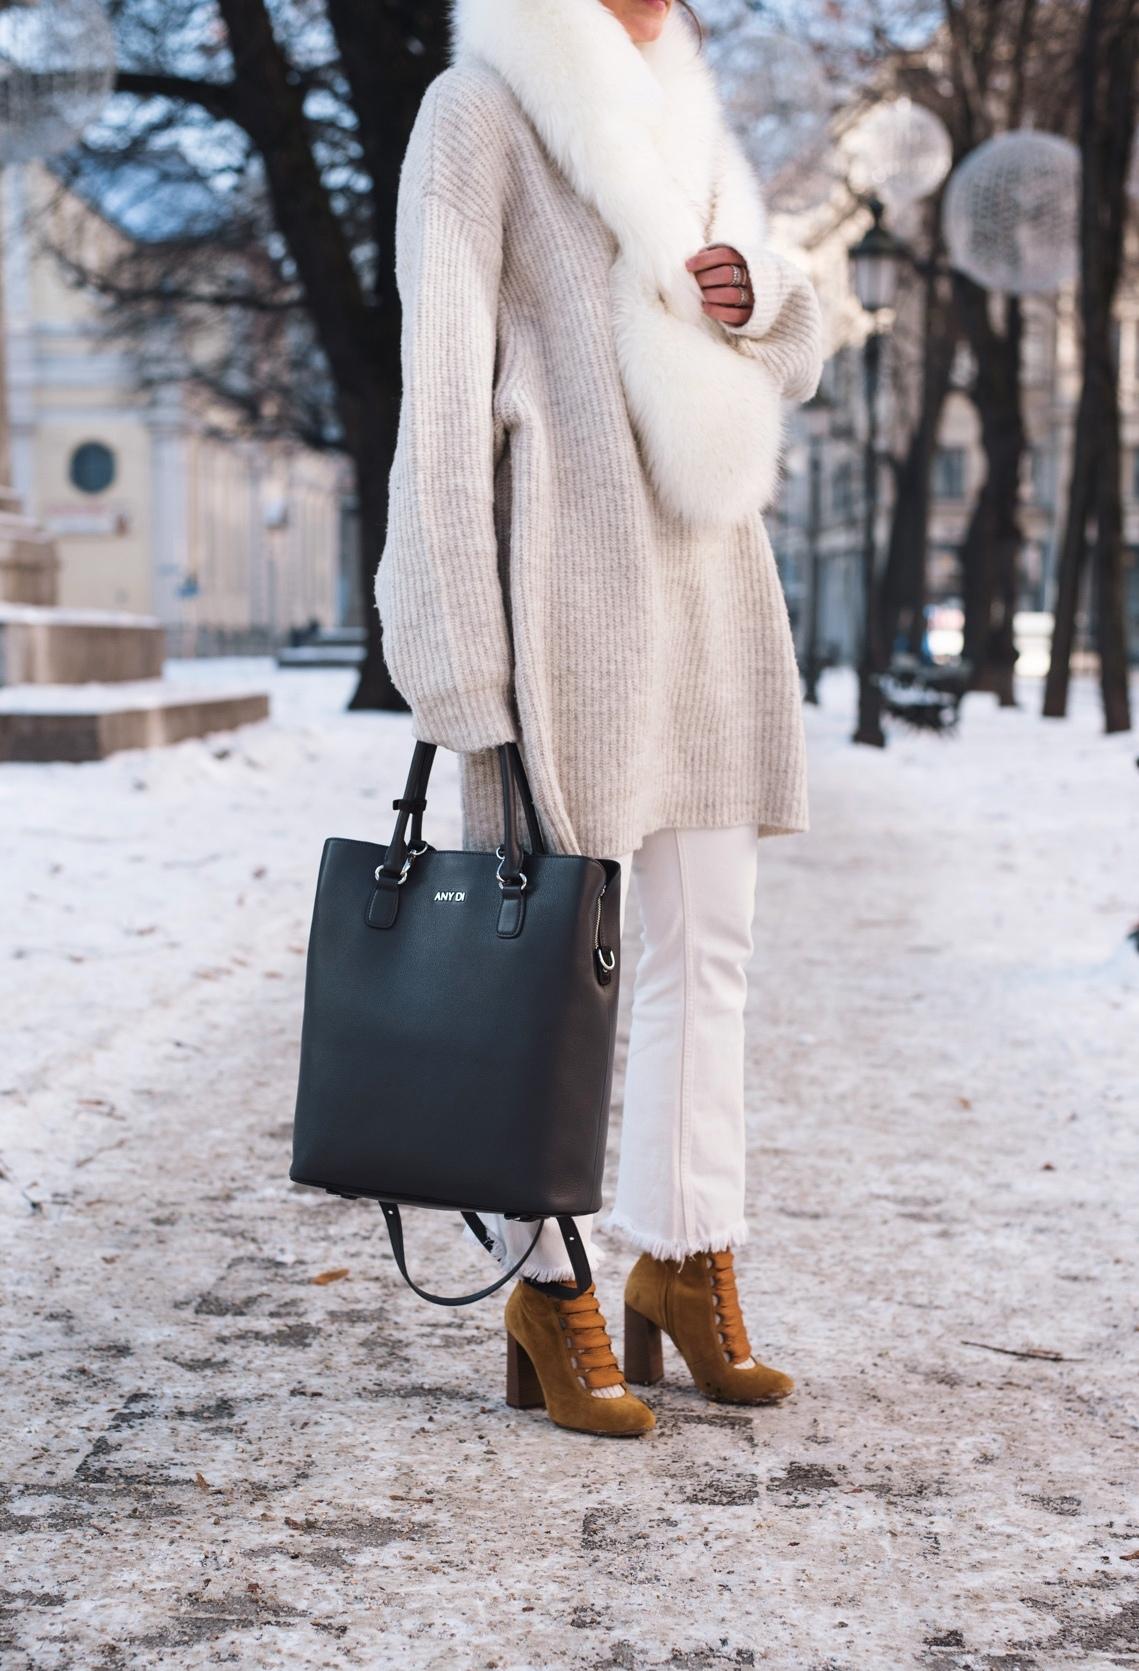 weiße-jeans-und-helle-farben-im-winter-kombinieren-und-tragen-inspiration-fashiioncarpet